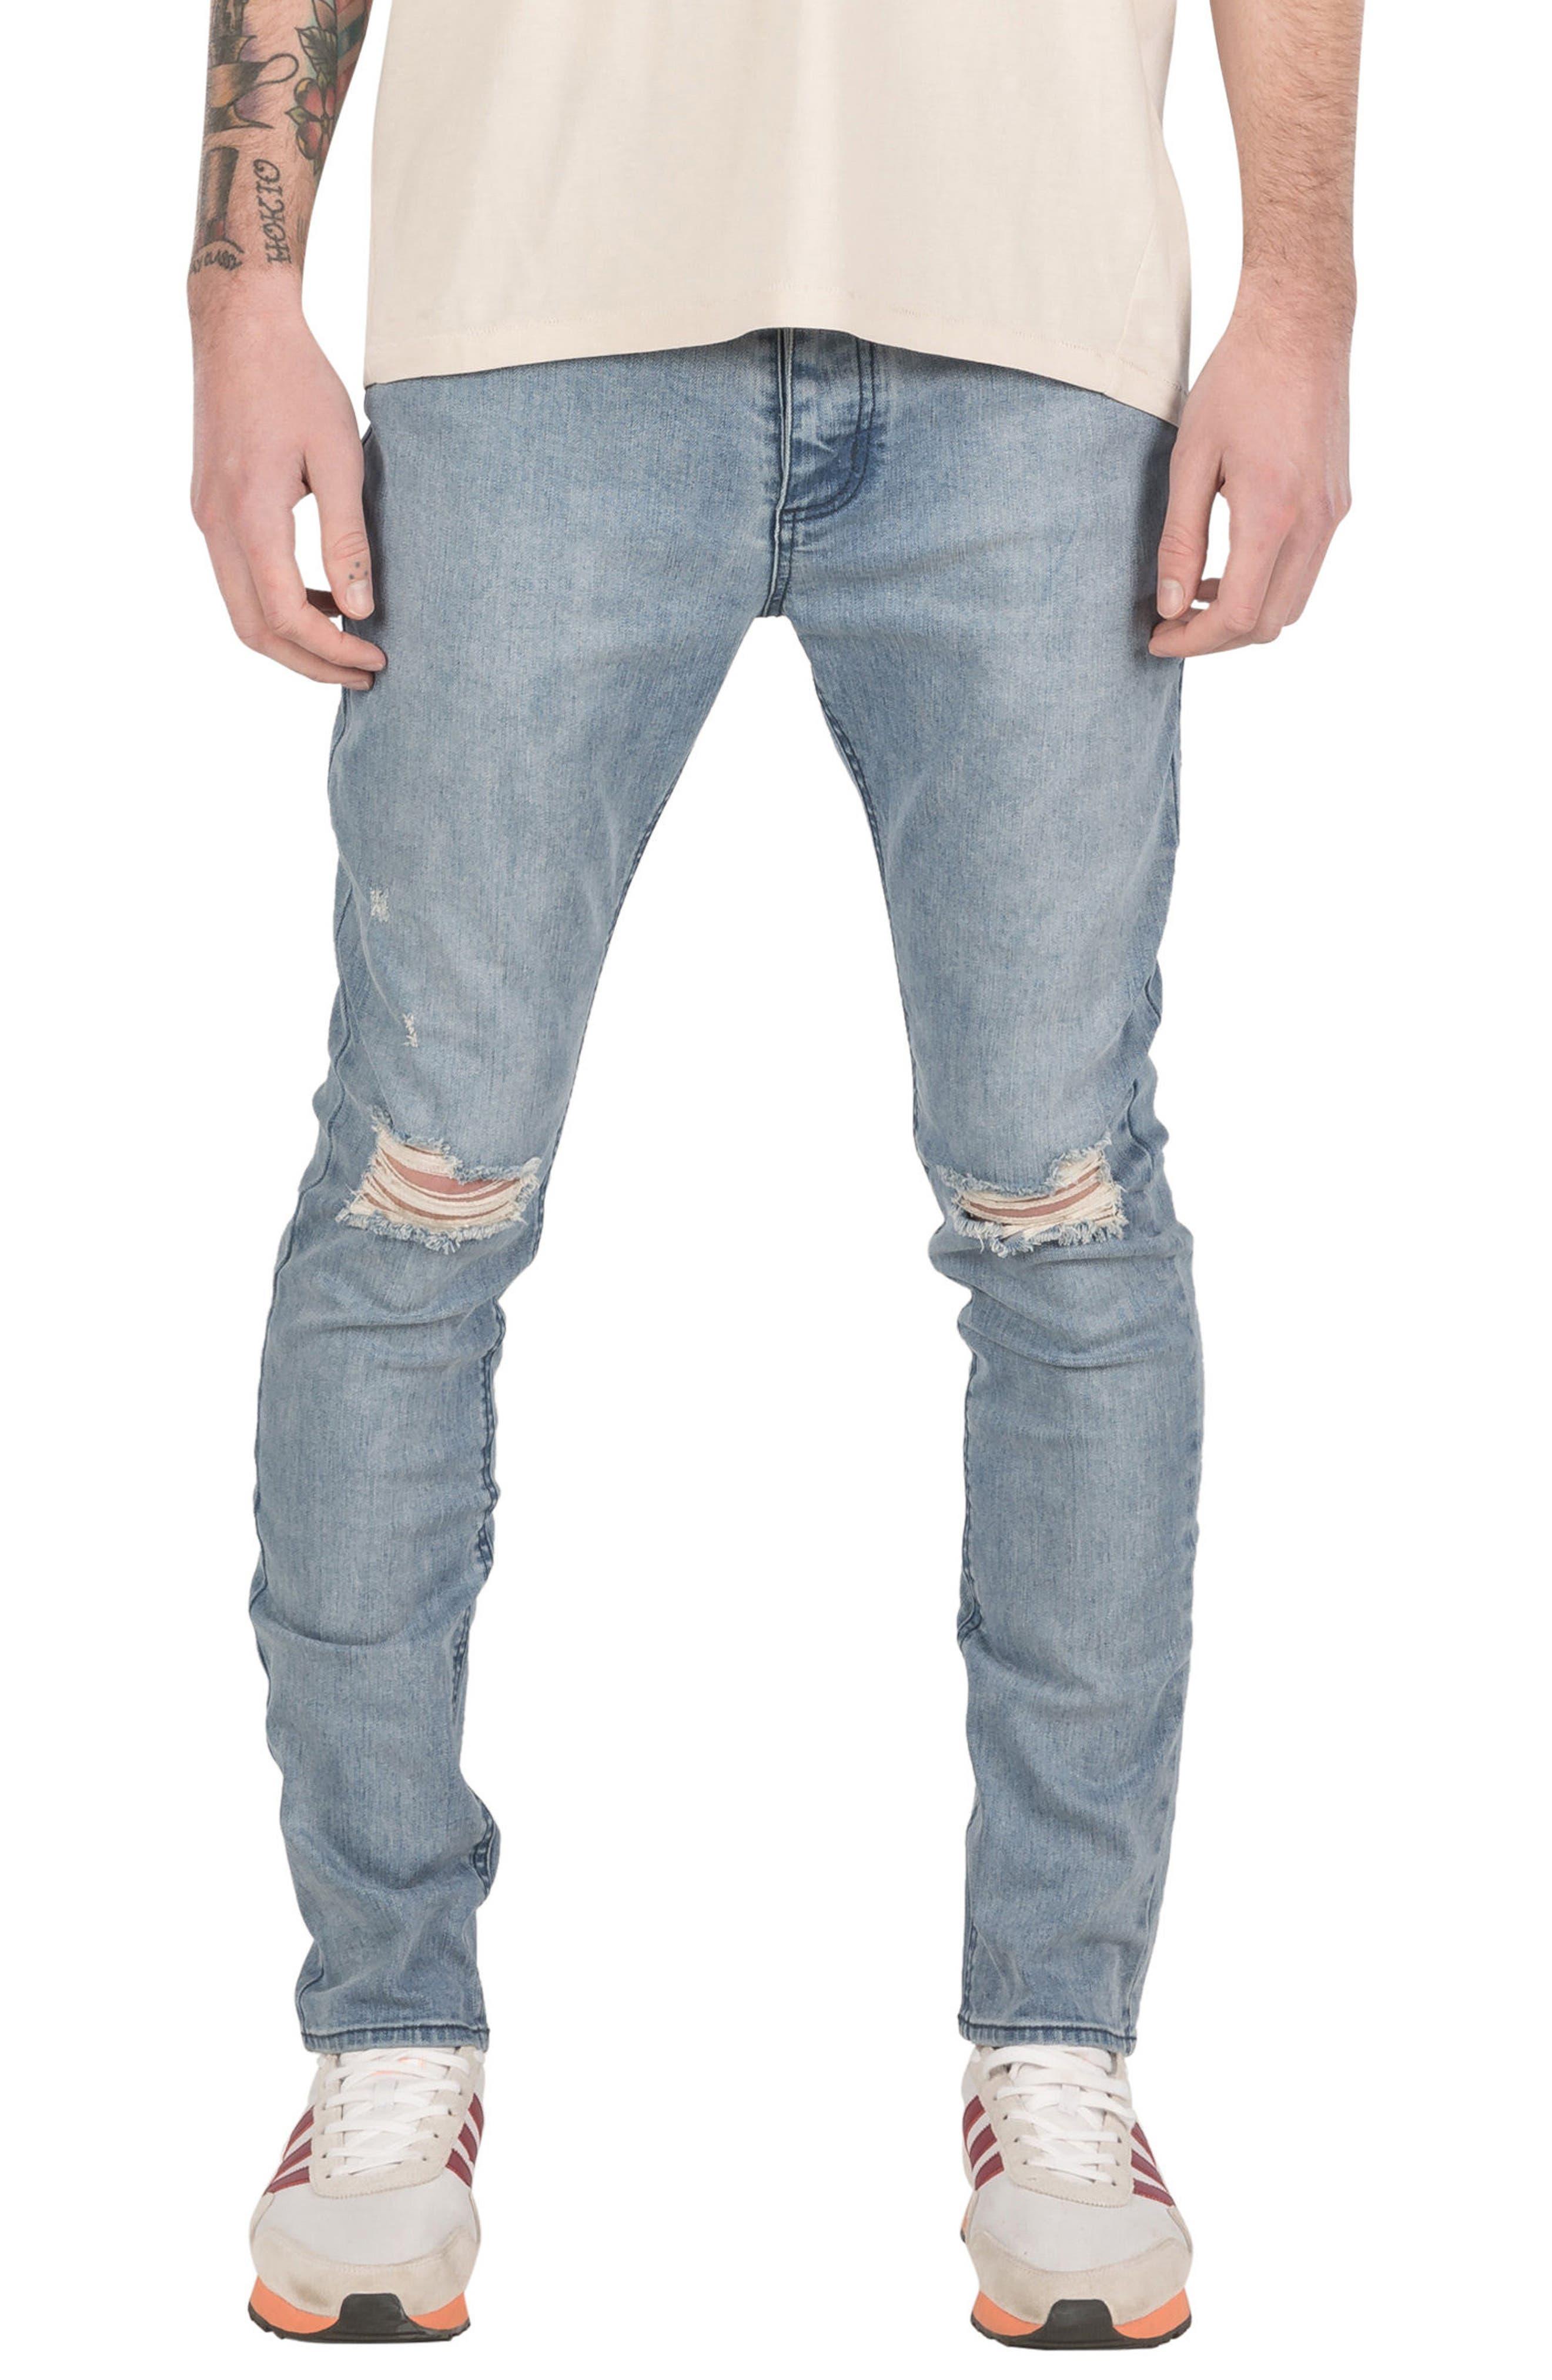 Joe Blow Destroyed Denim Jeans,                             Main thumbnail 1, color,                             420